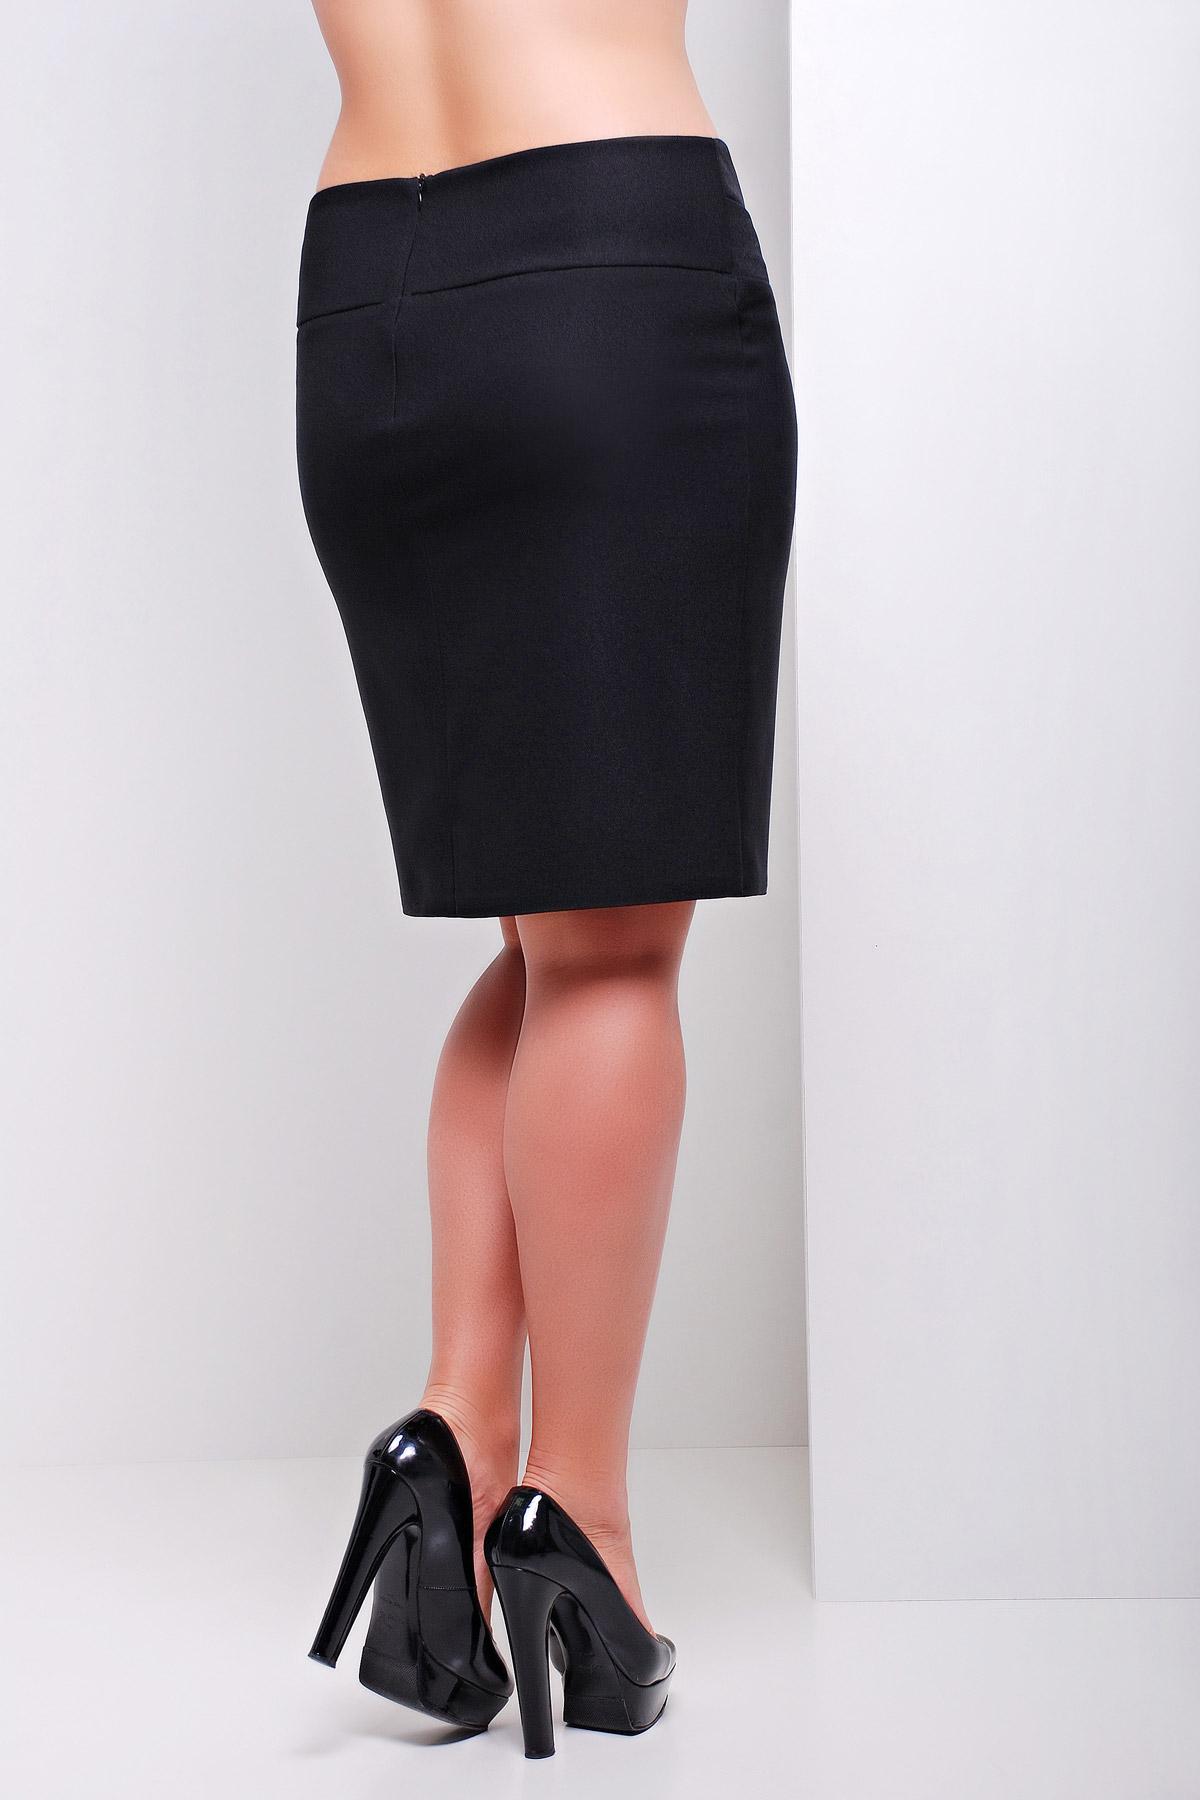 черная офисная юбка батал из костюмного шелка. юбка мод. №15 Б. Цвет: черный